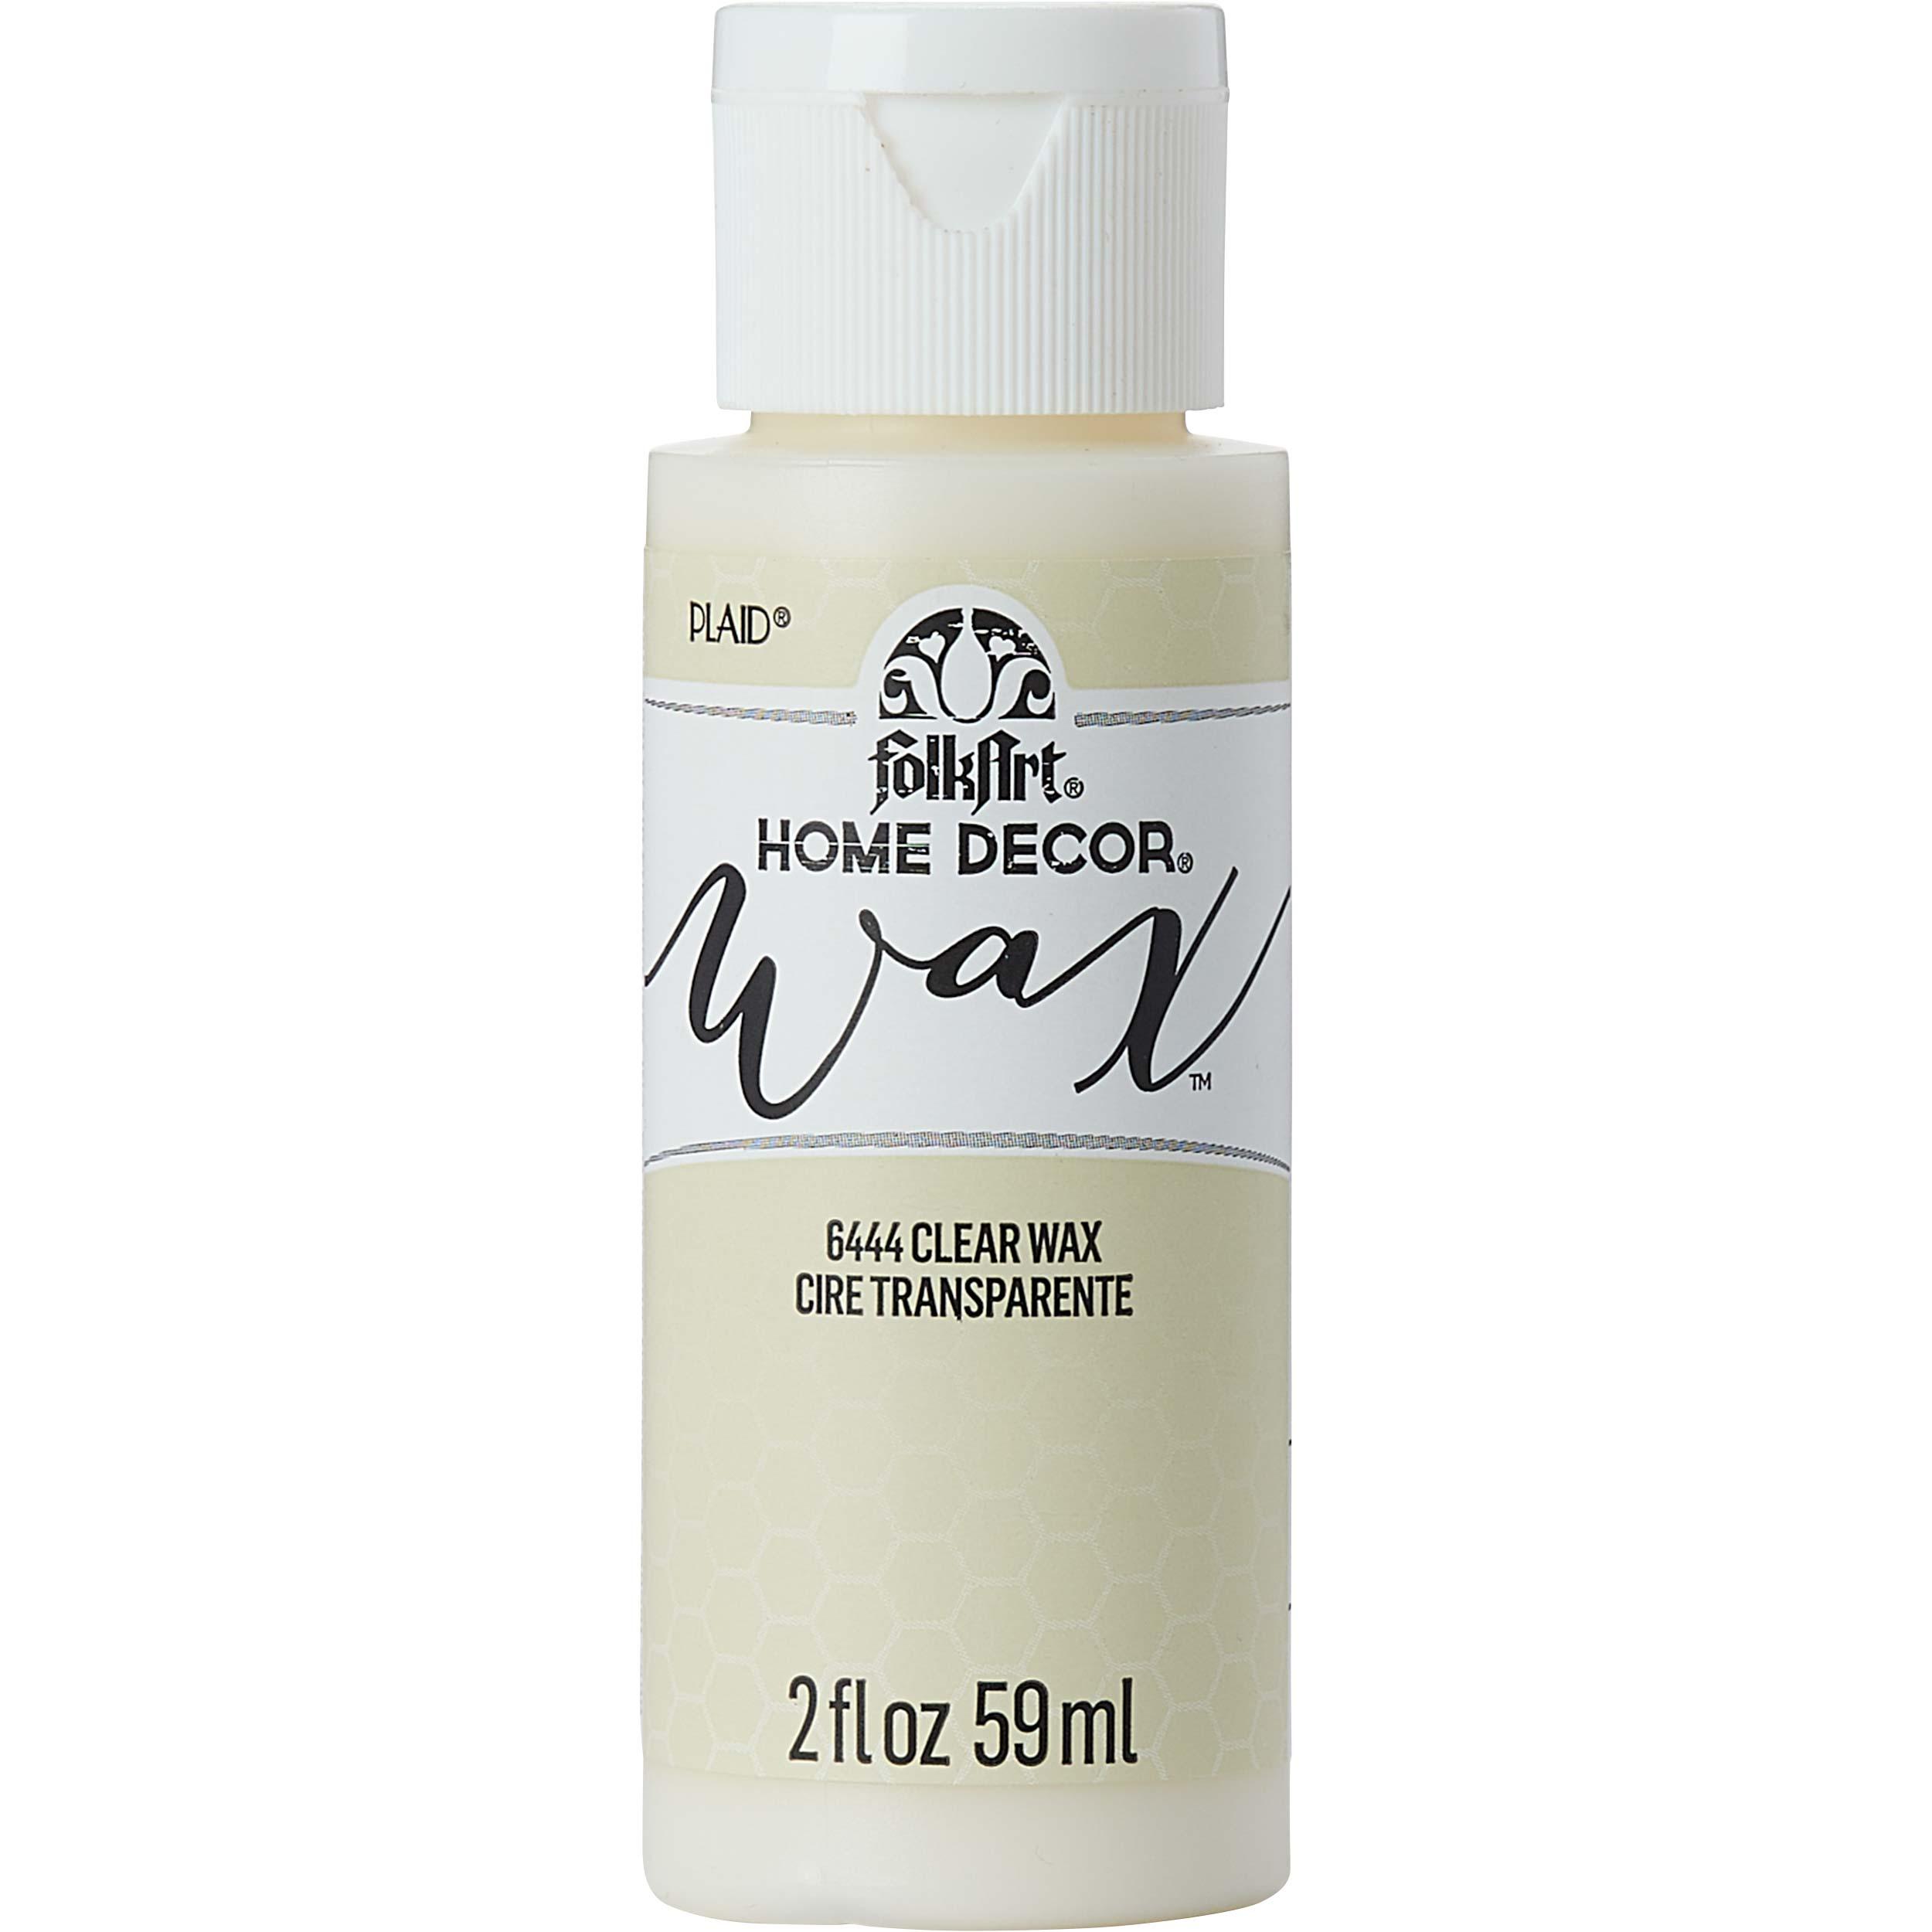 FolkArt ® Home Decor™ Wax - Clear, 2 oz.